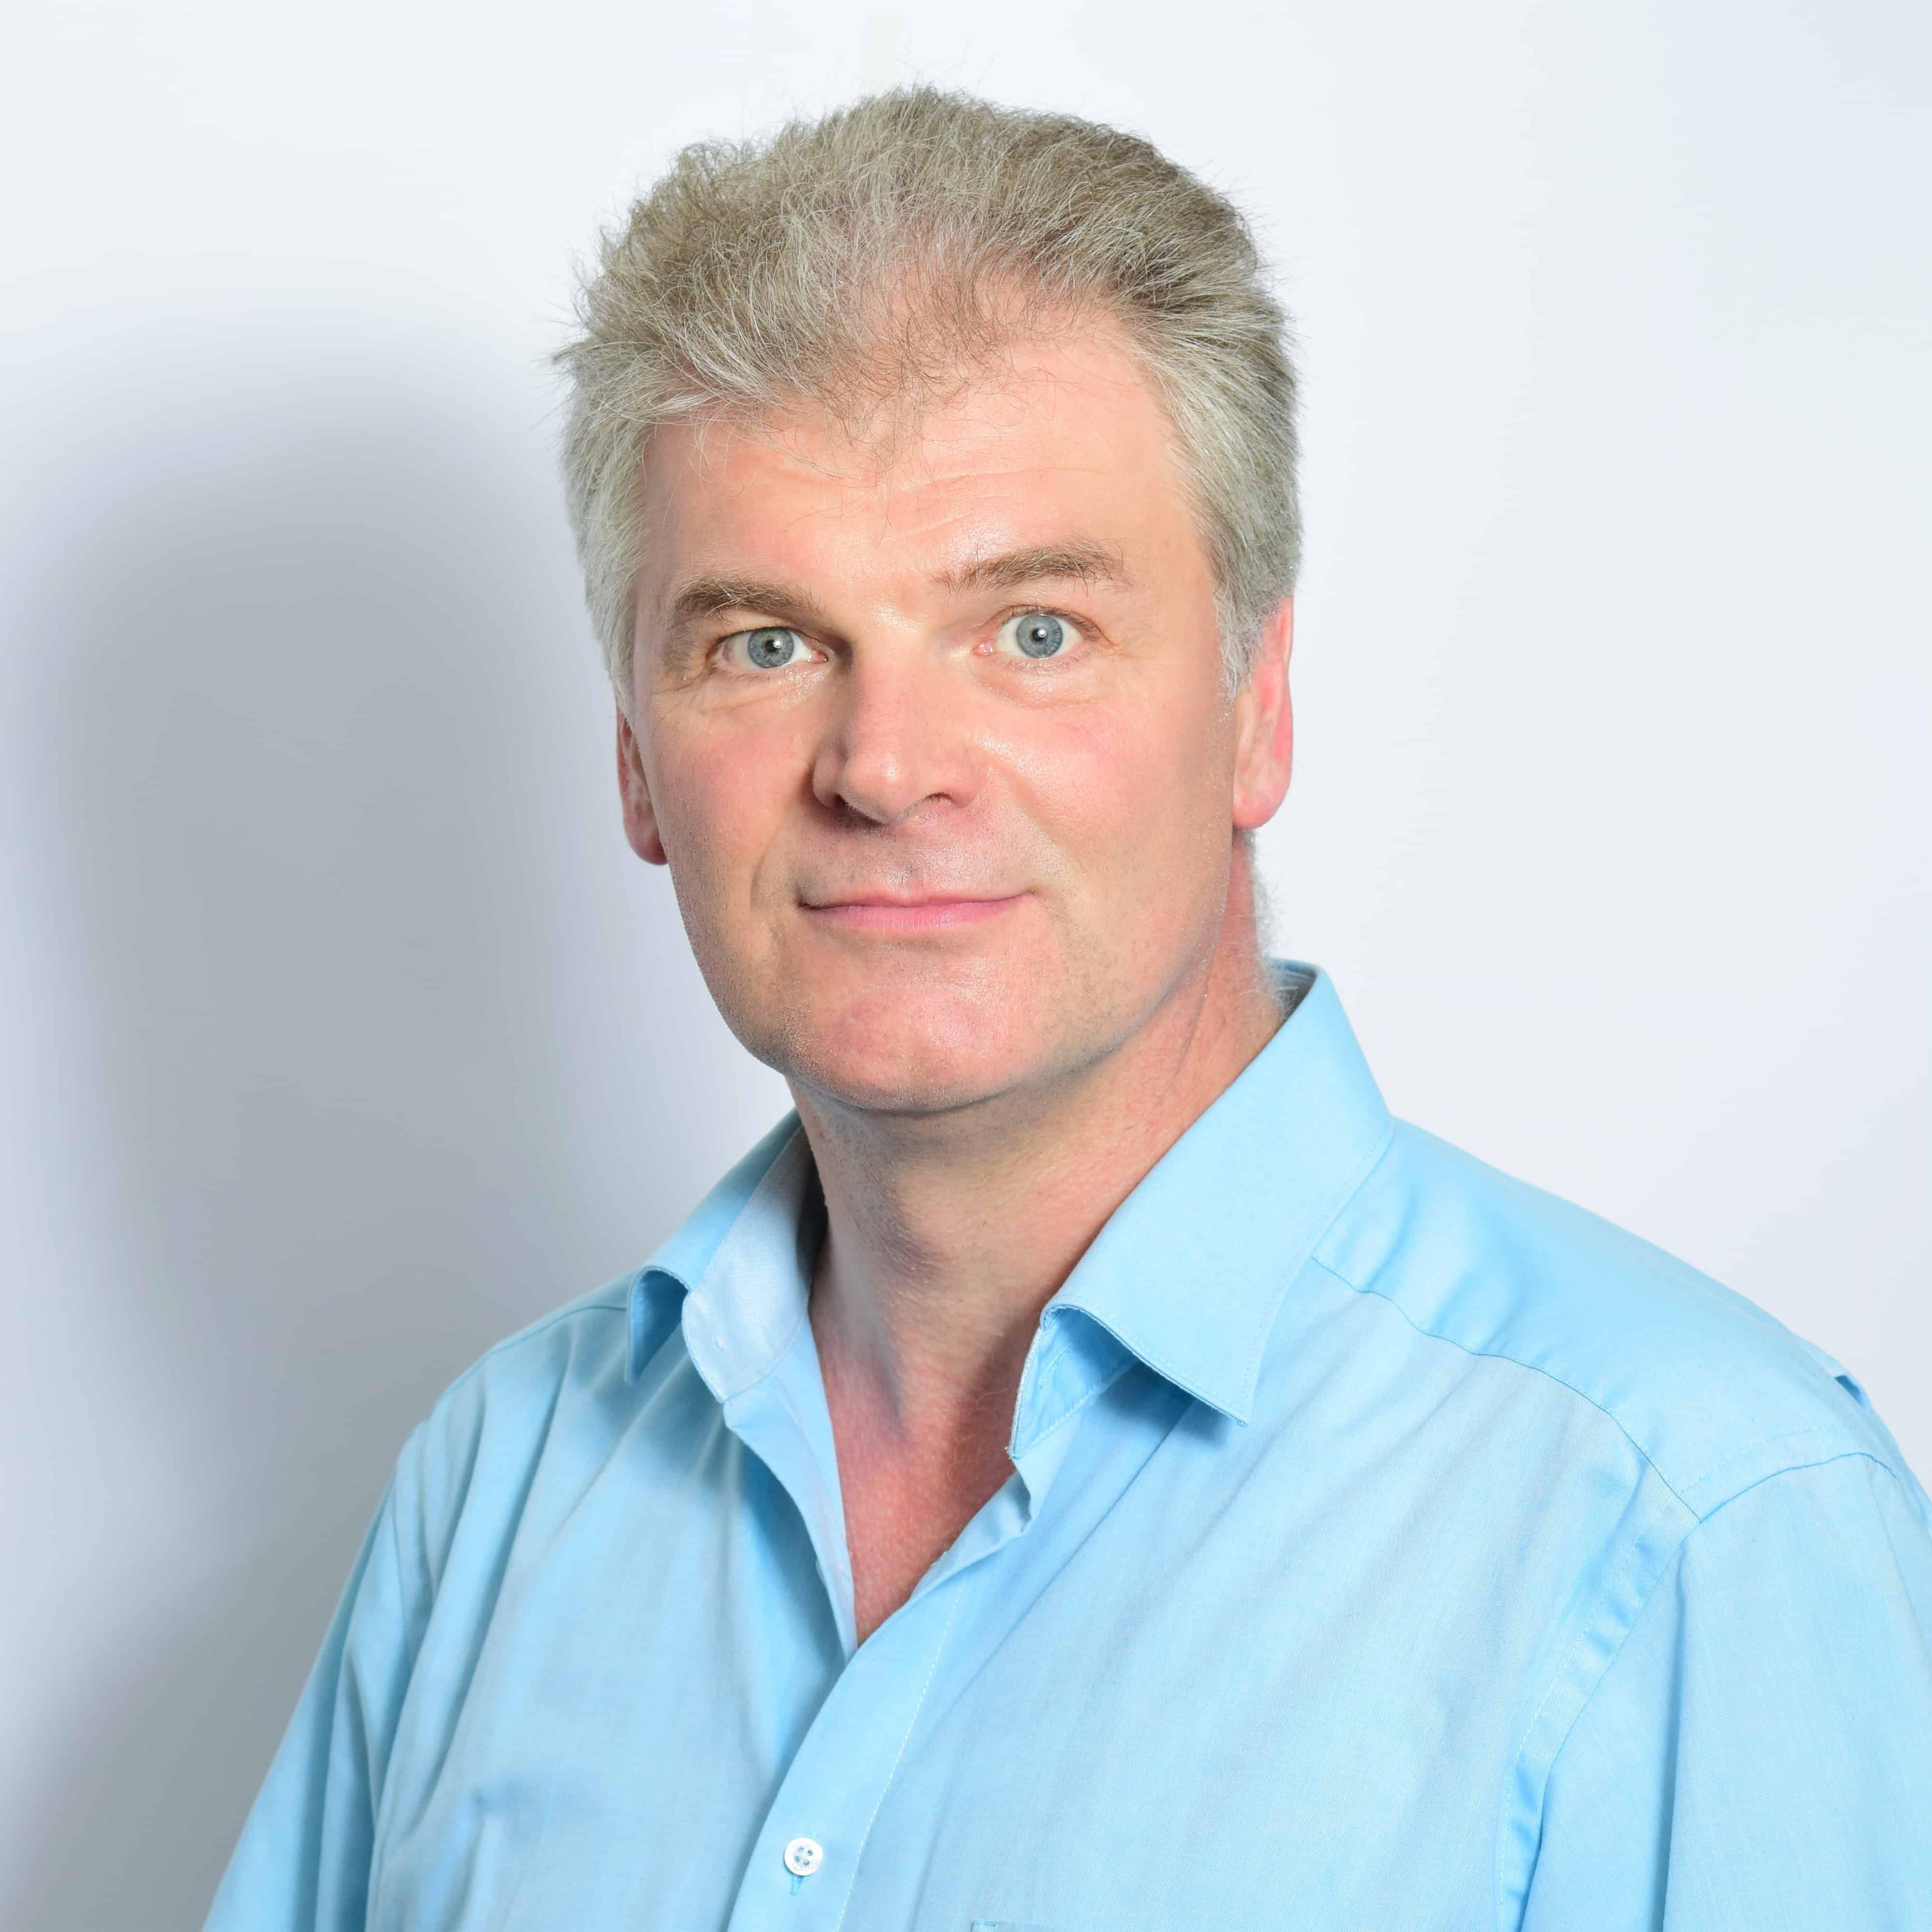 Dietmar Peters